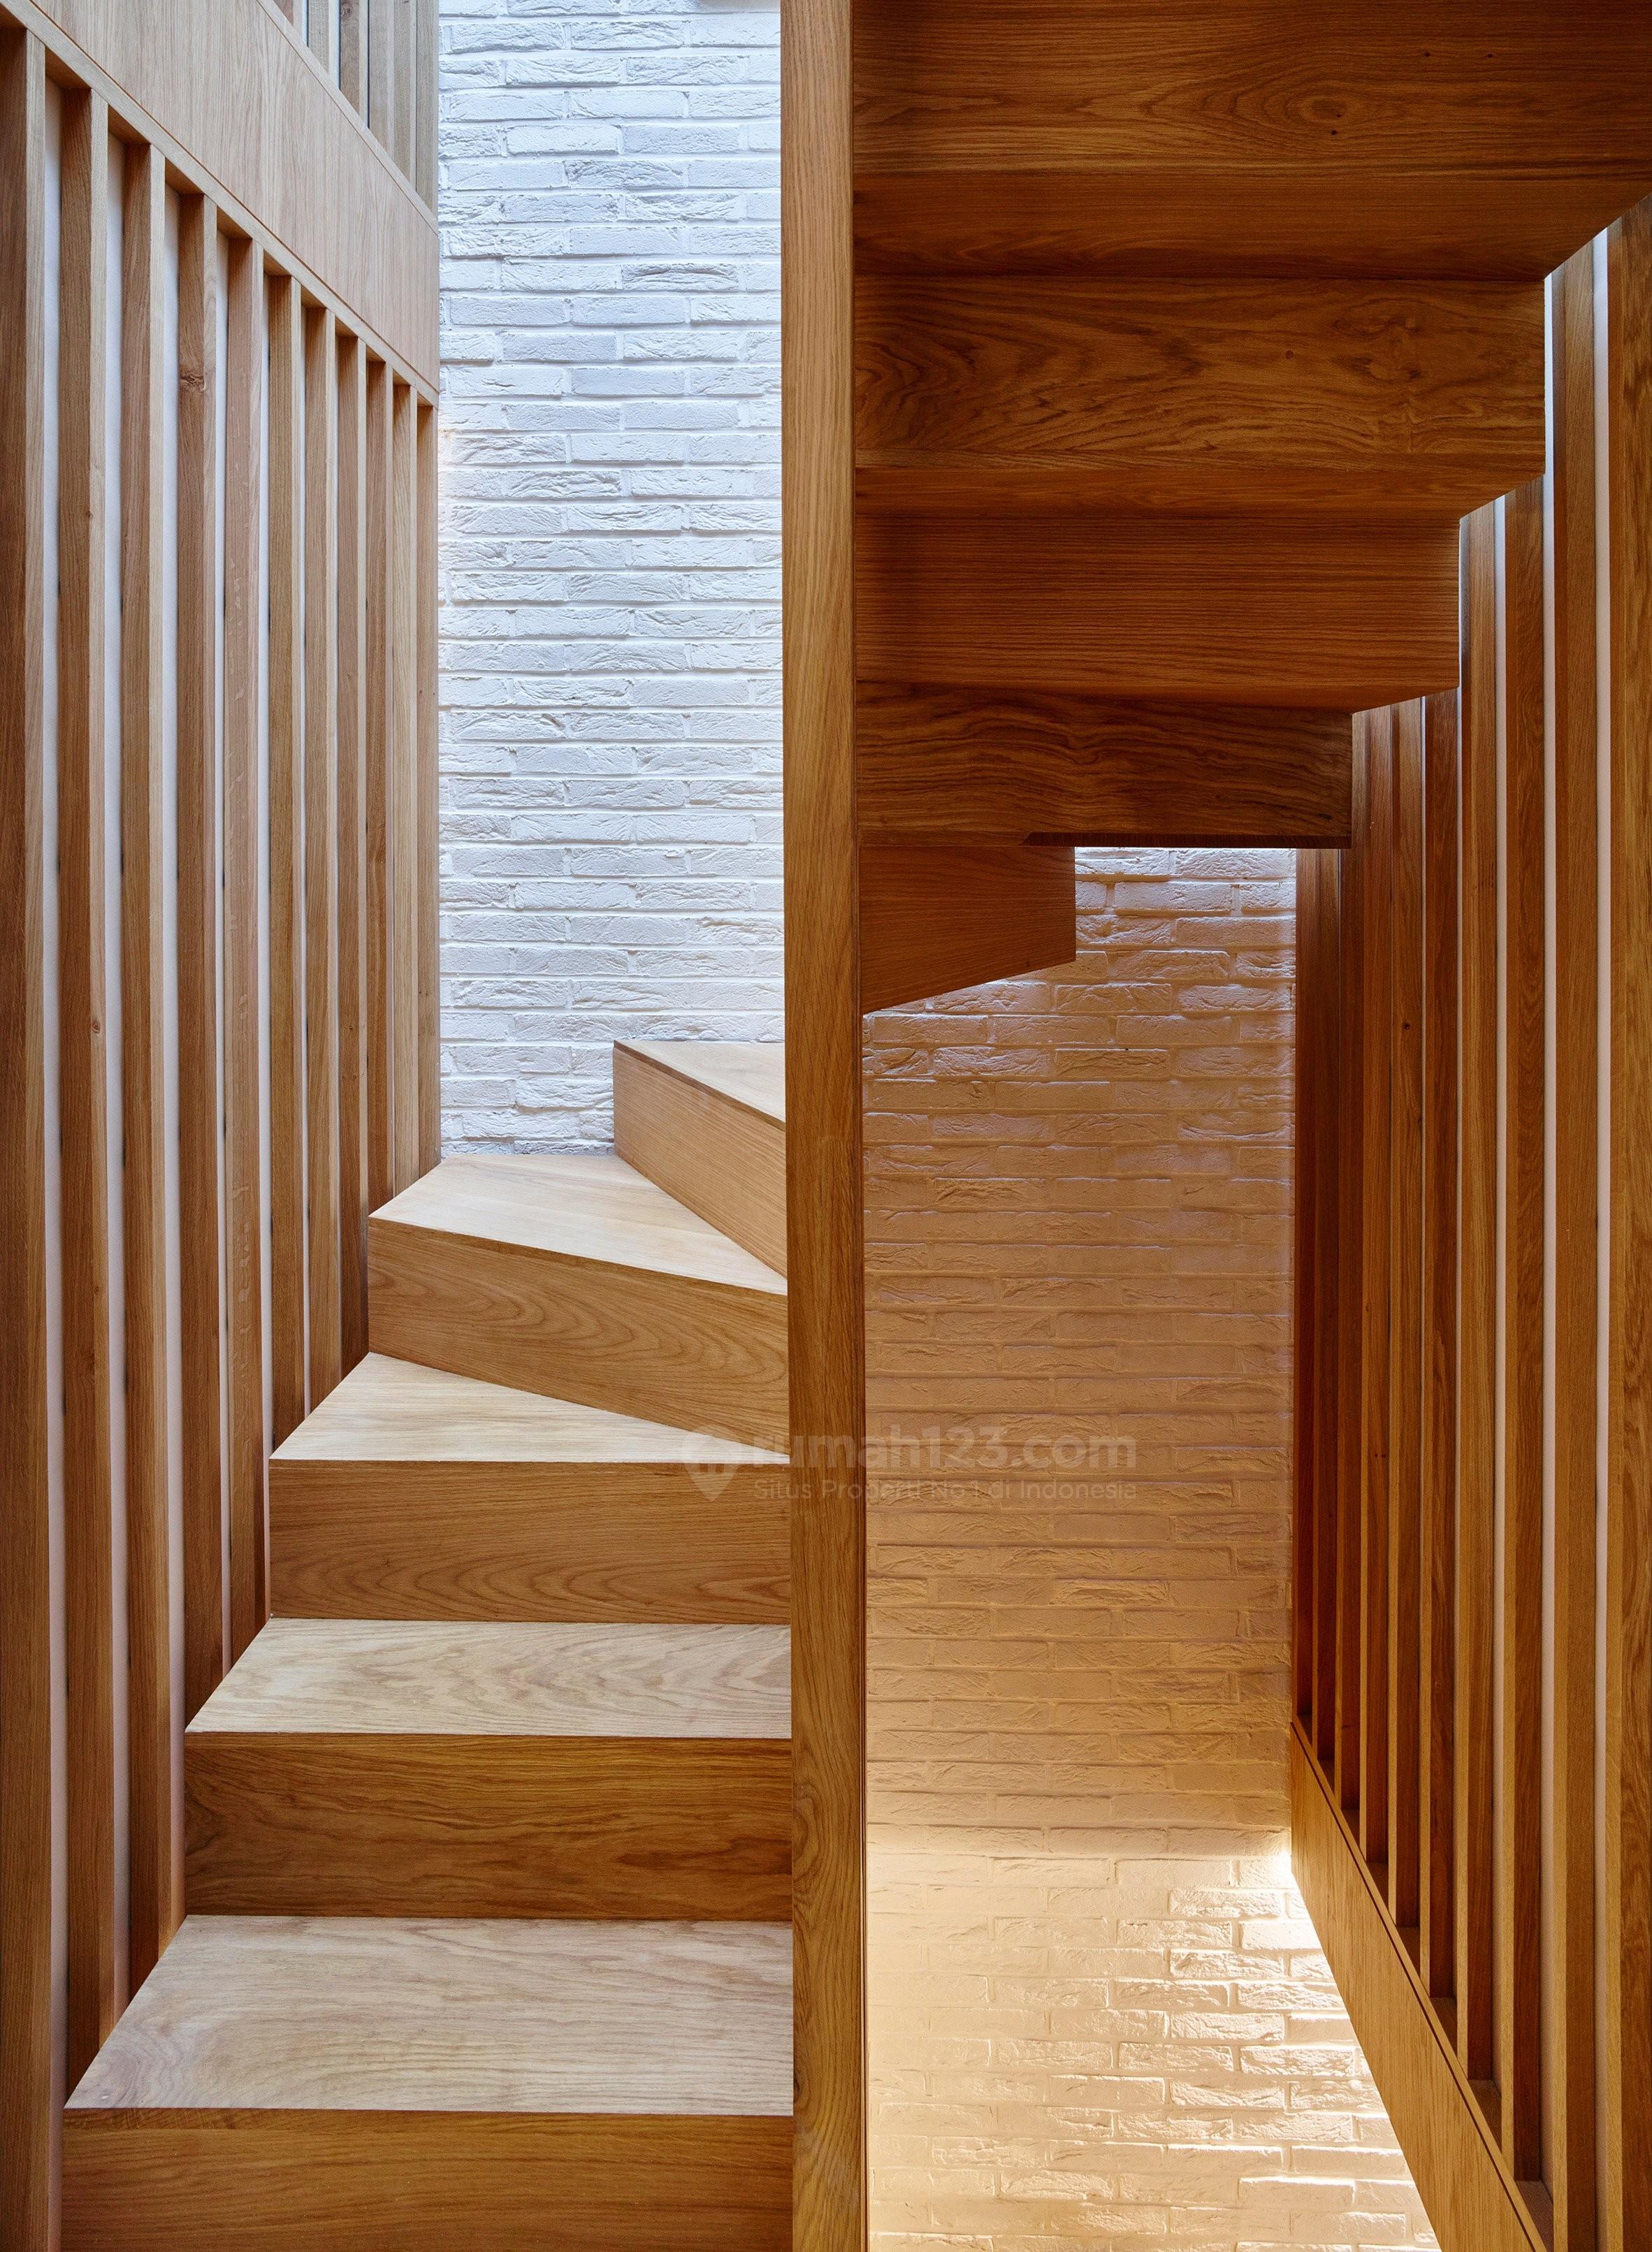 Desain Tangga Rumah Sempit : desain, tangga, rumah, sempit, Model, Tangga, Rumah, Sempit, Inspirasi, Desain